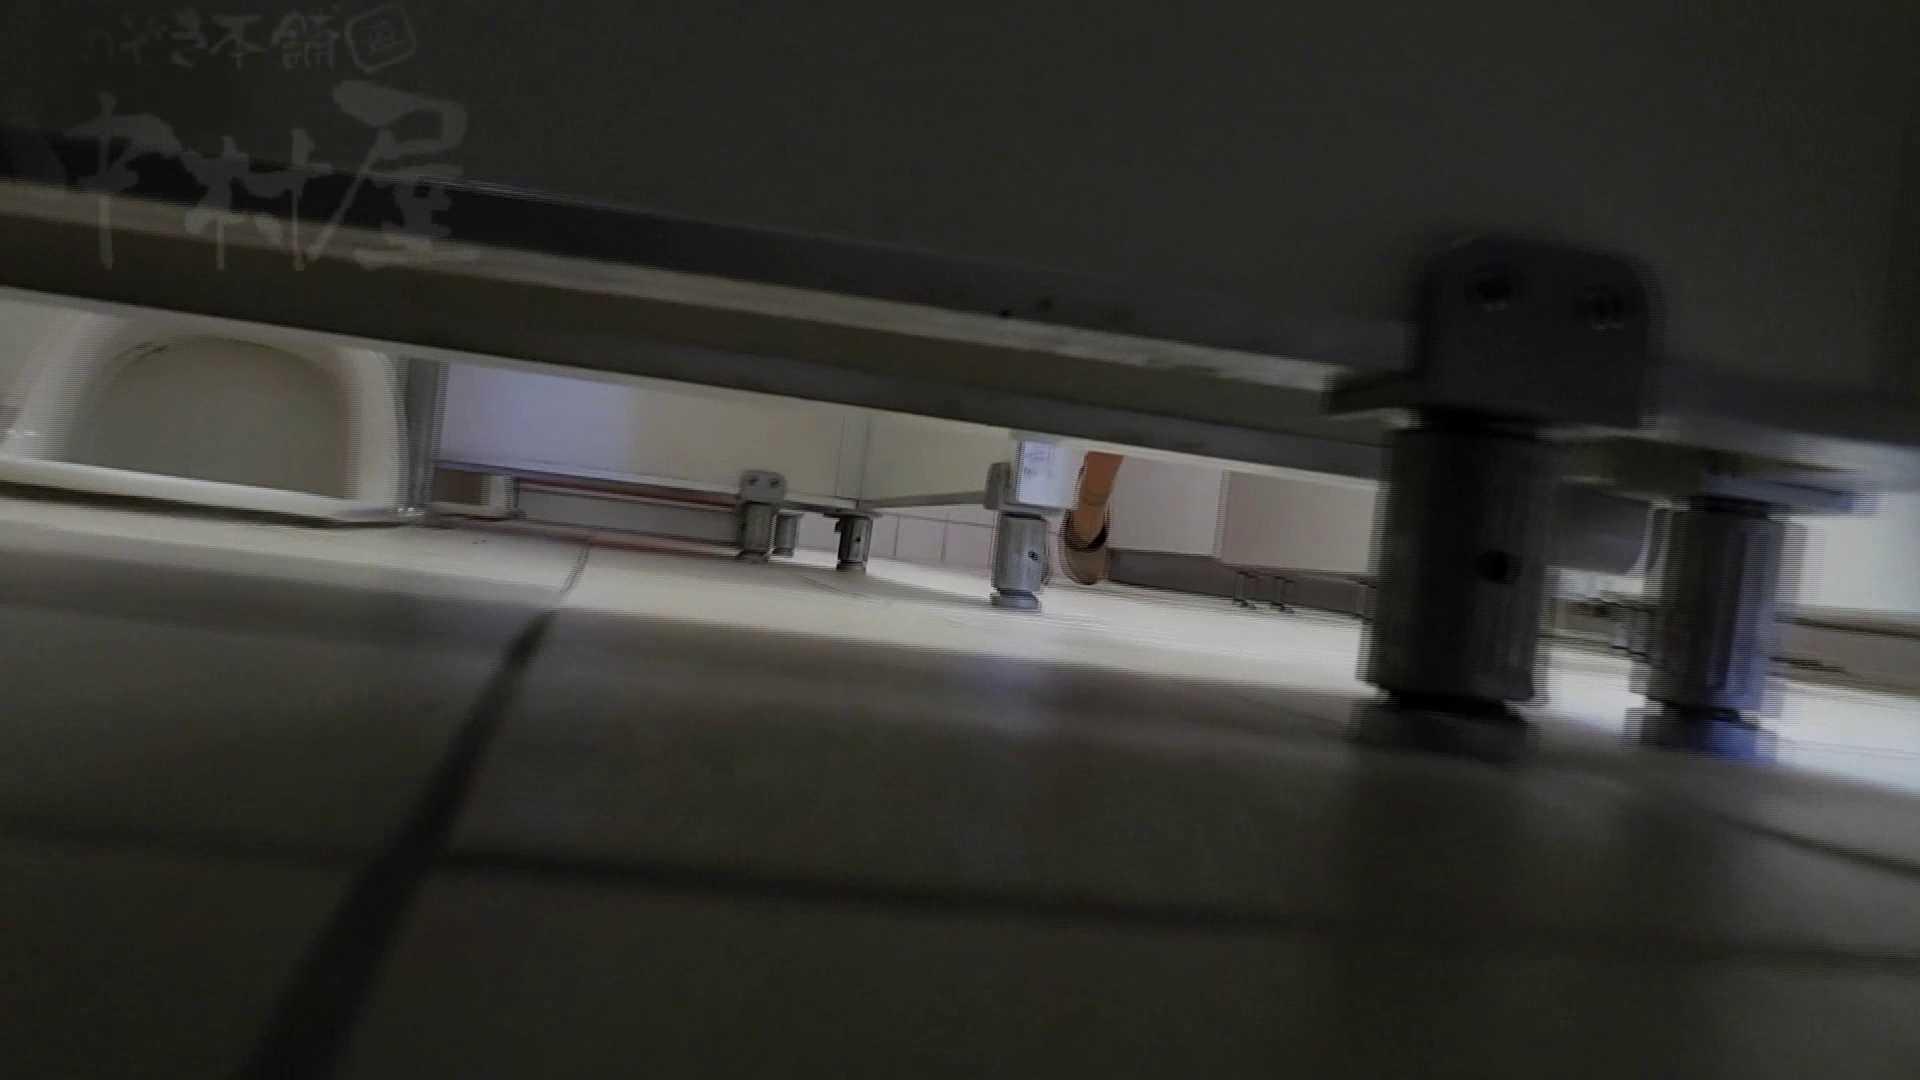 美しい日本の未来 No.29 豹柄サンダルはイ更●気味??? マンコ・ムレムレ スケベ動画紹介 70pic 3